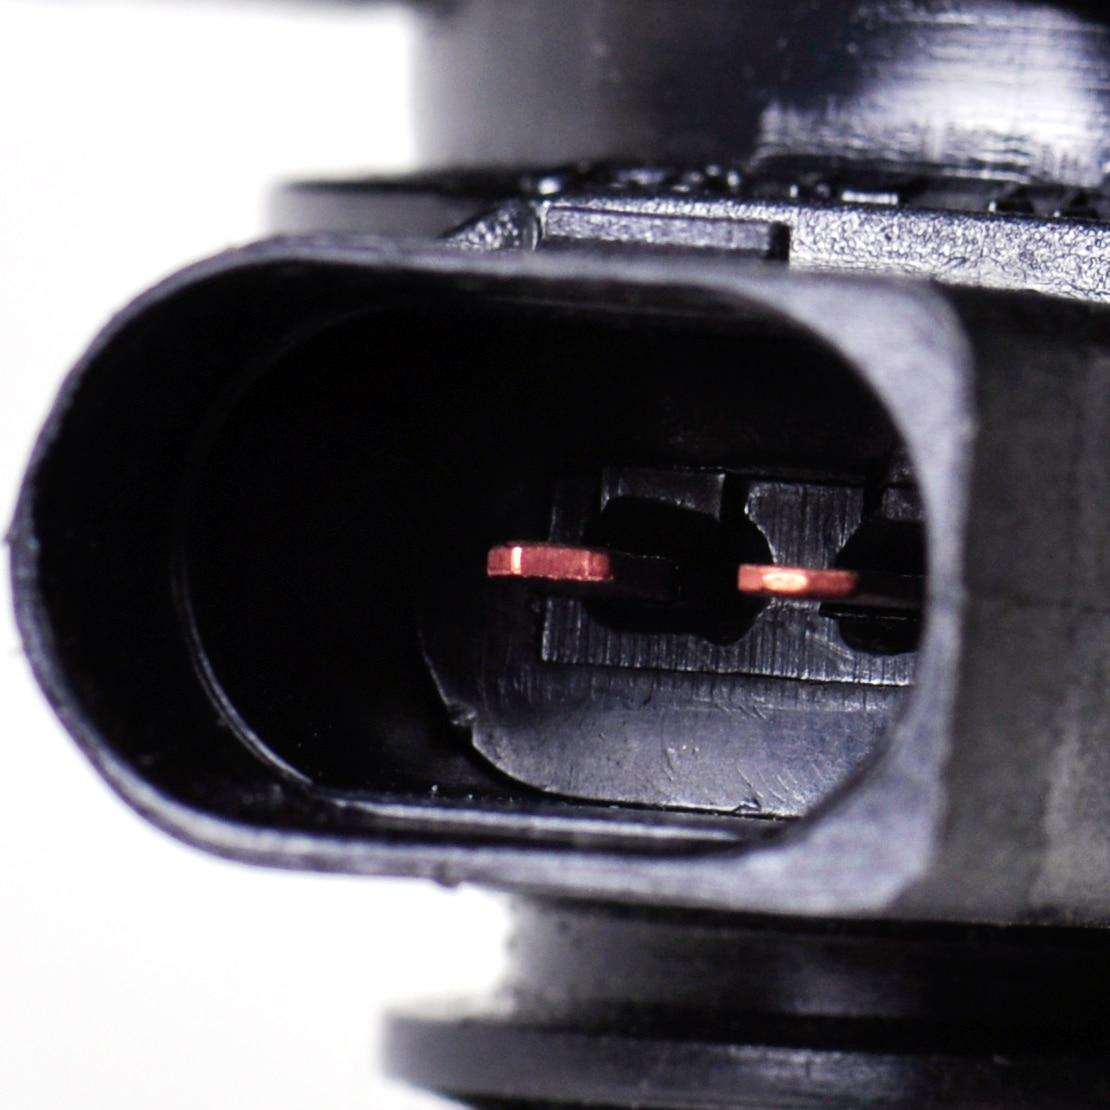 CITALL воздухозаборника шланг 1J0 129 684 NT 1J0129684CG пригодный для VW Golf MK4 Bora Audi A3 1,6 двигатель 1998 1999 2000 2001 2002 2003